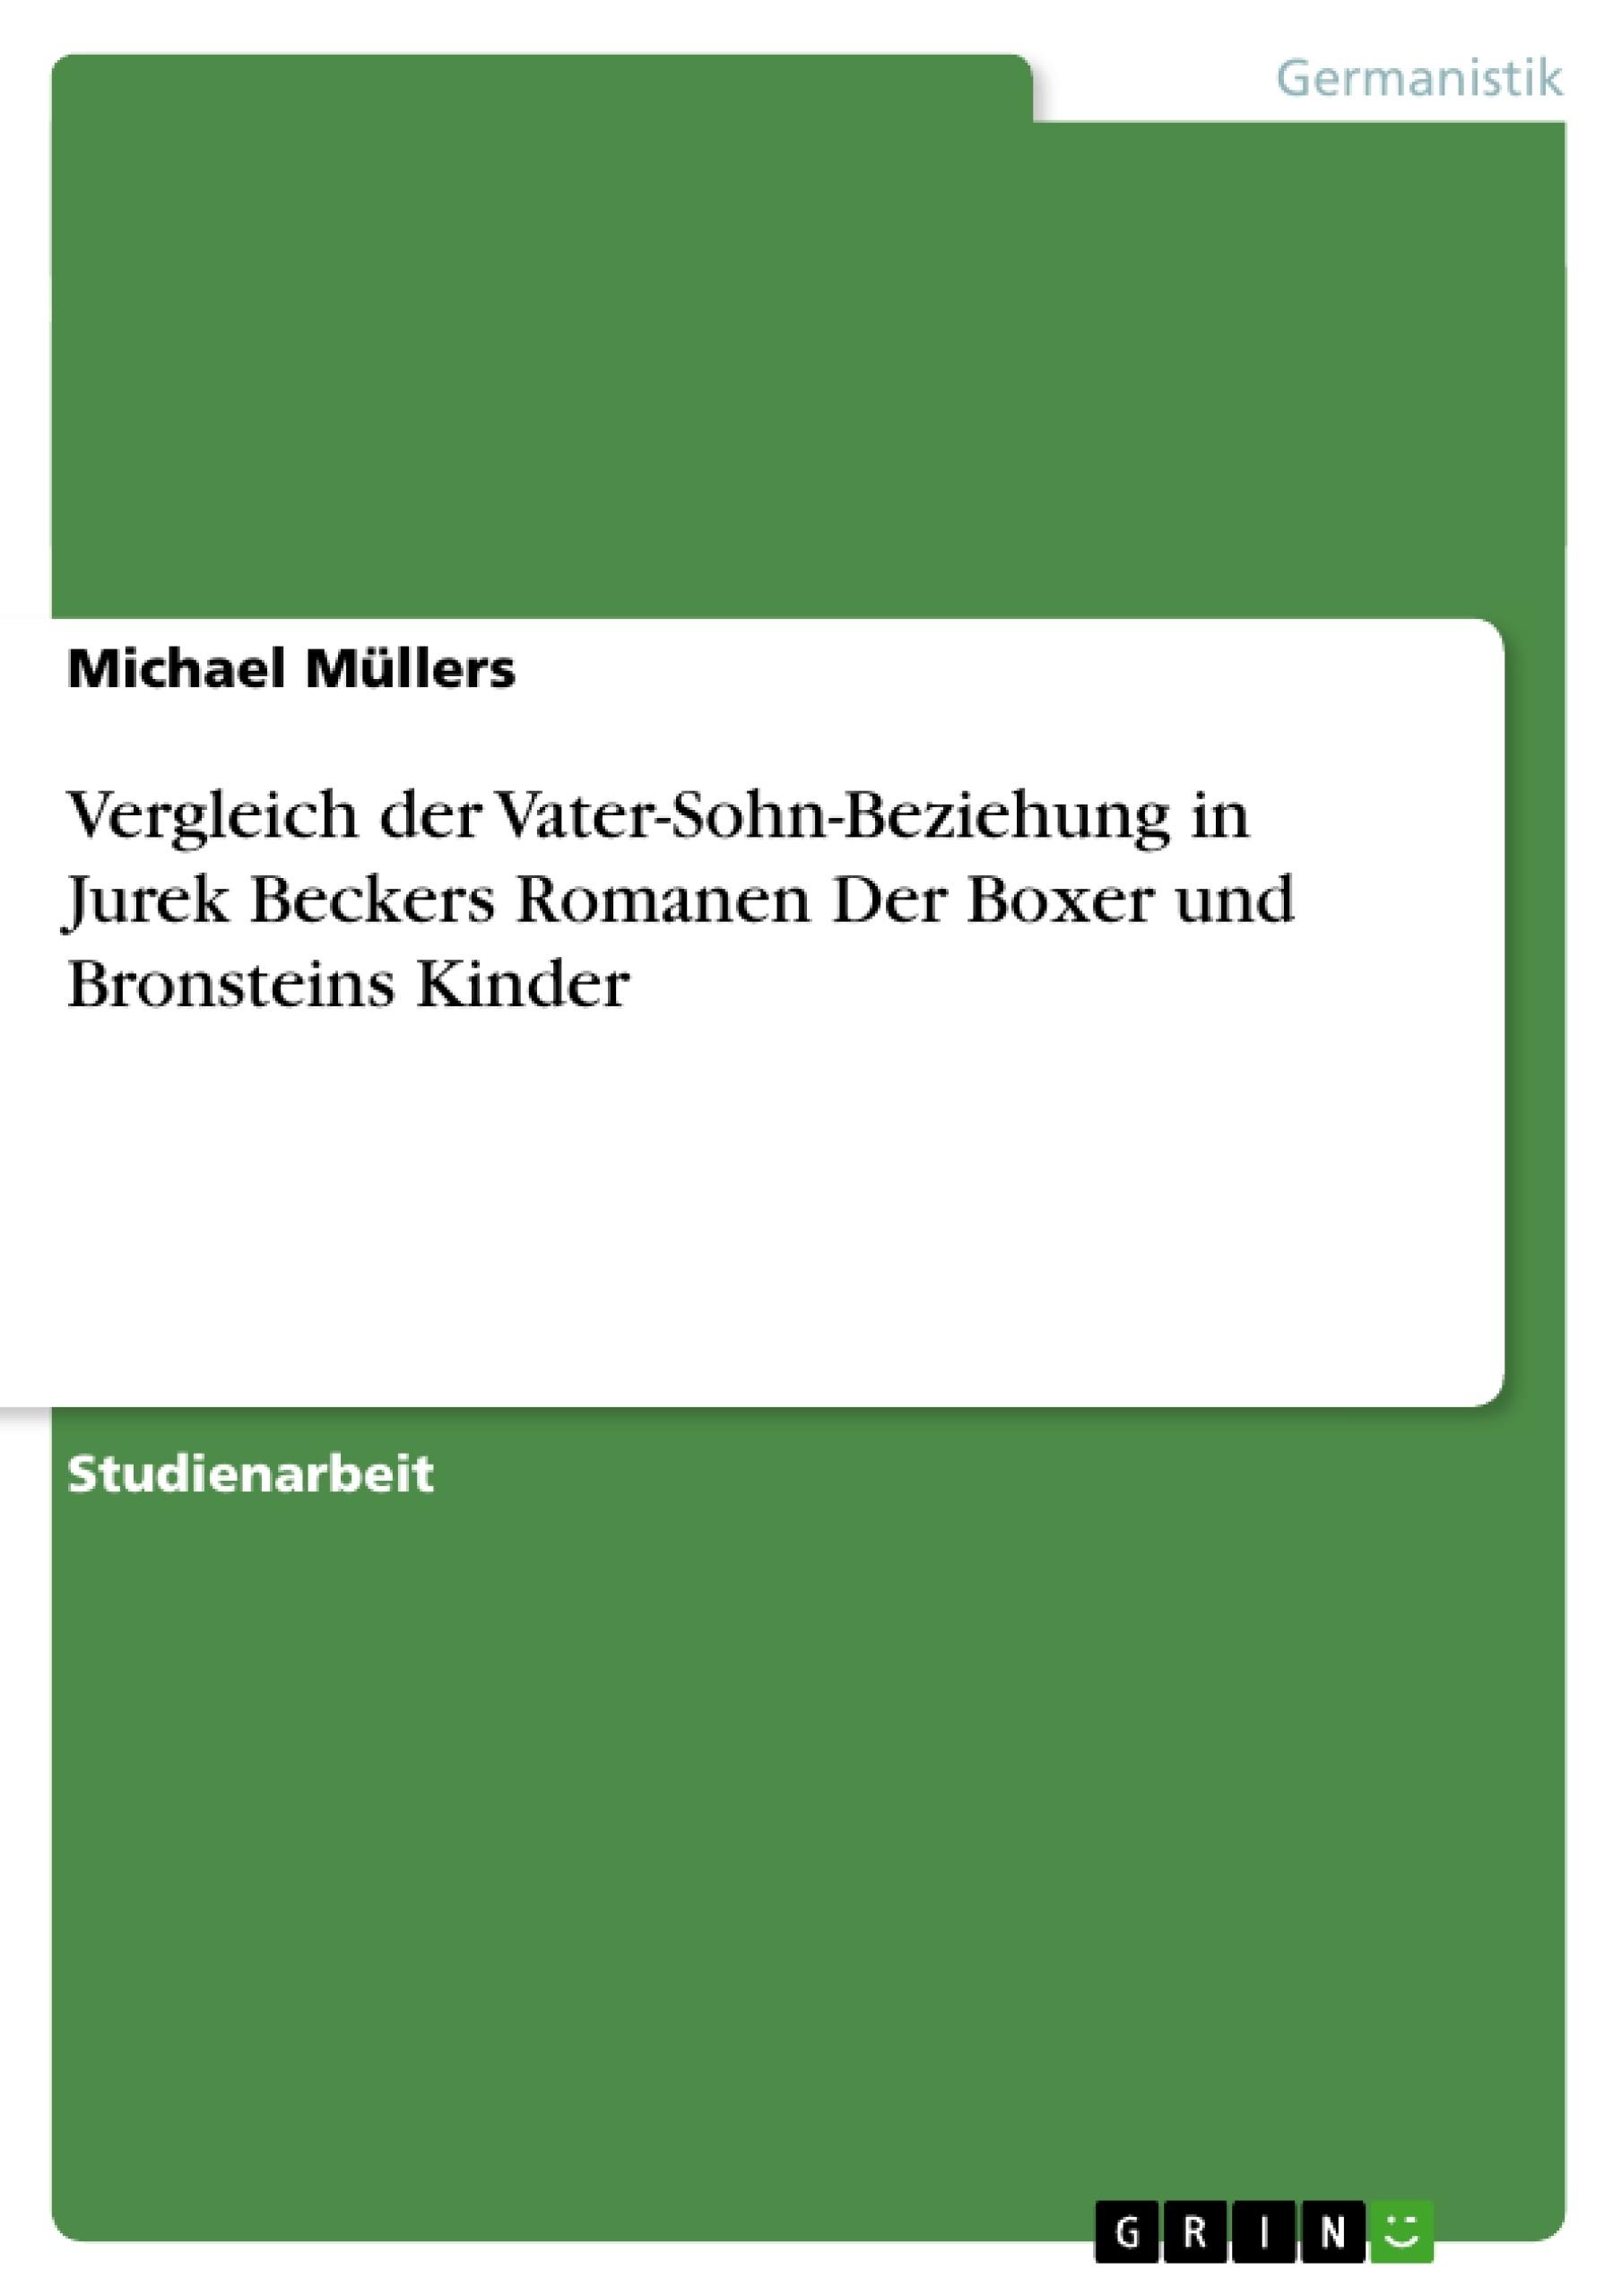 Titel: Vergleich der Vater-Sohn-Beziehung in Jurek Beckers Romanen Der Boxer und Bronsteins Kinder